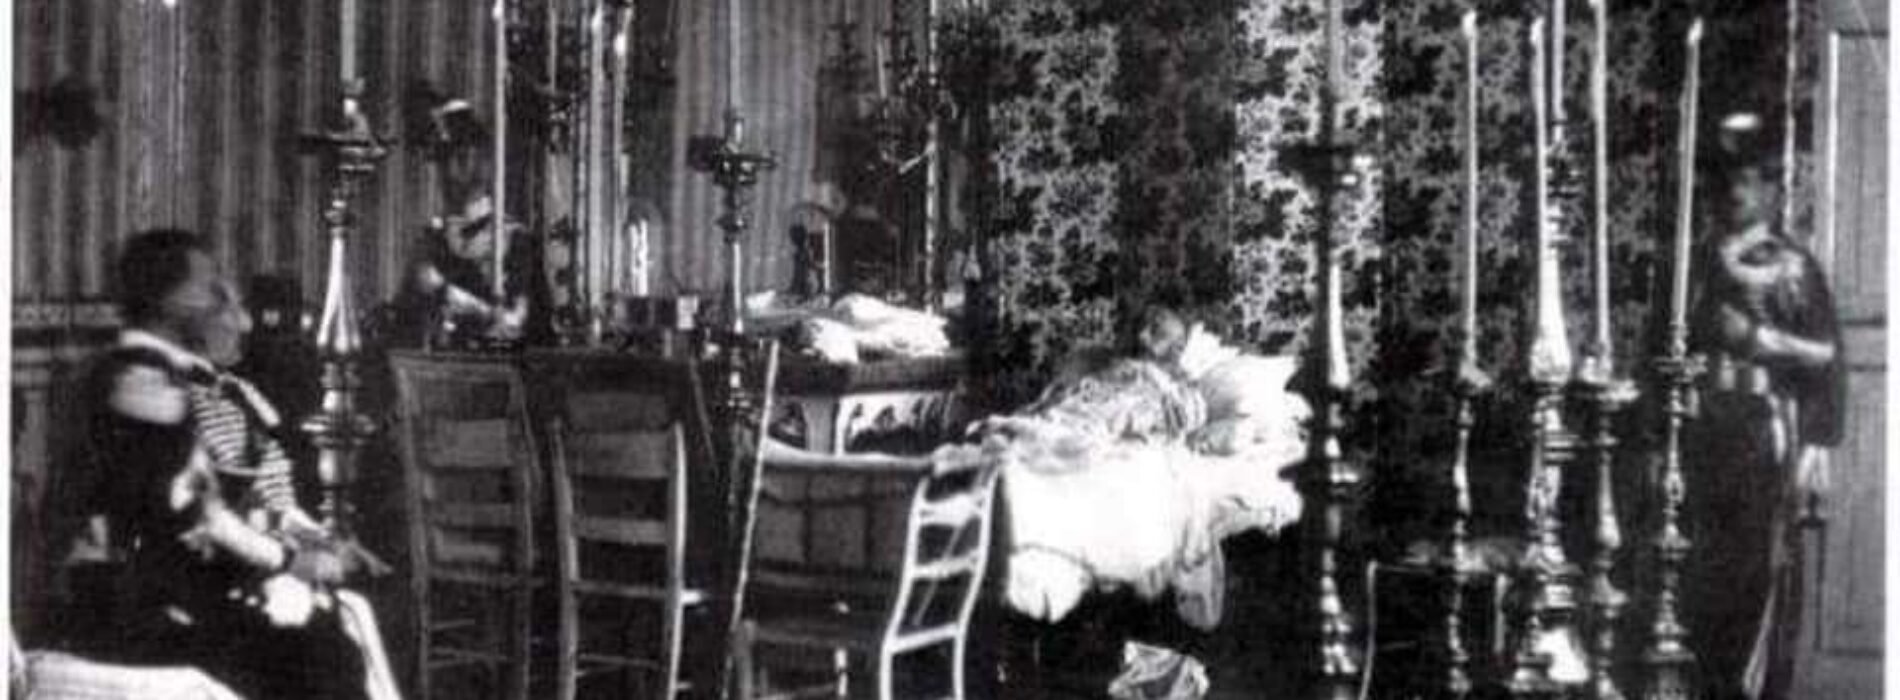 Fuoco agli arredi, il 22 maggio del 1859 moriva a Caserta il Re